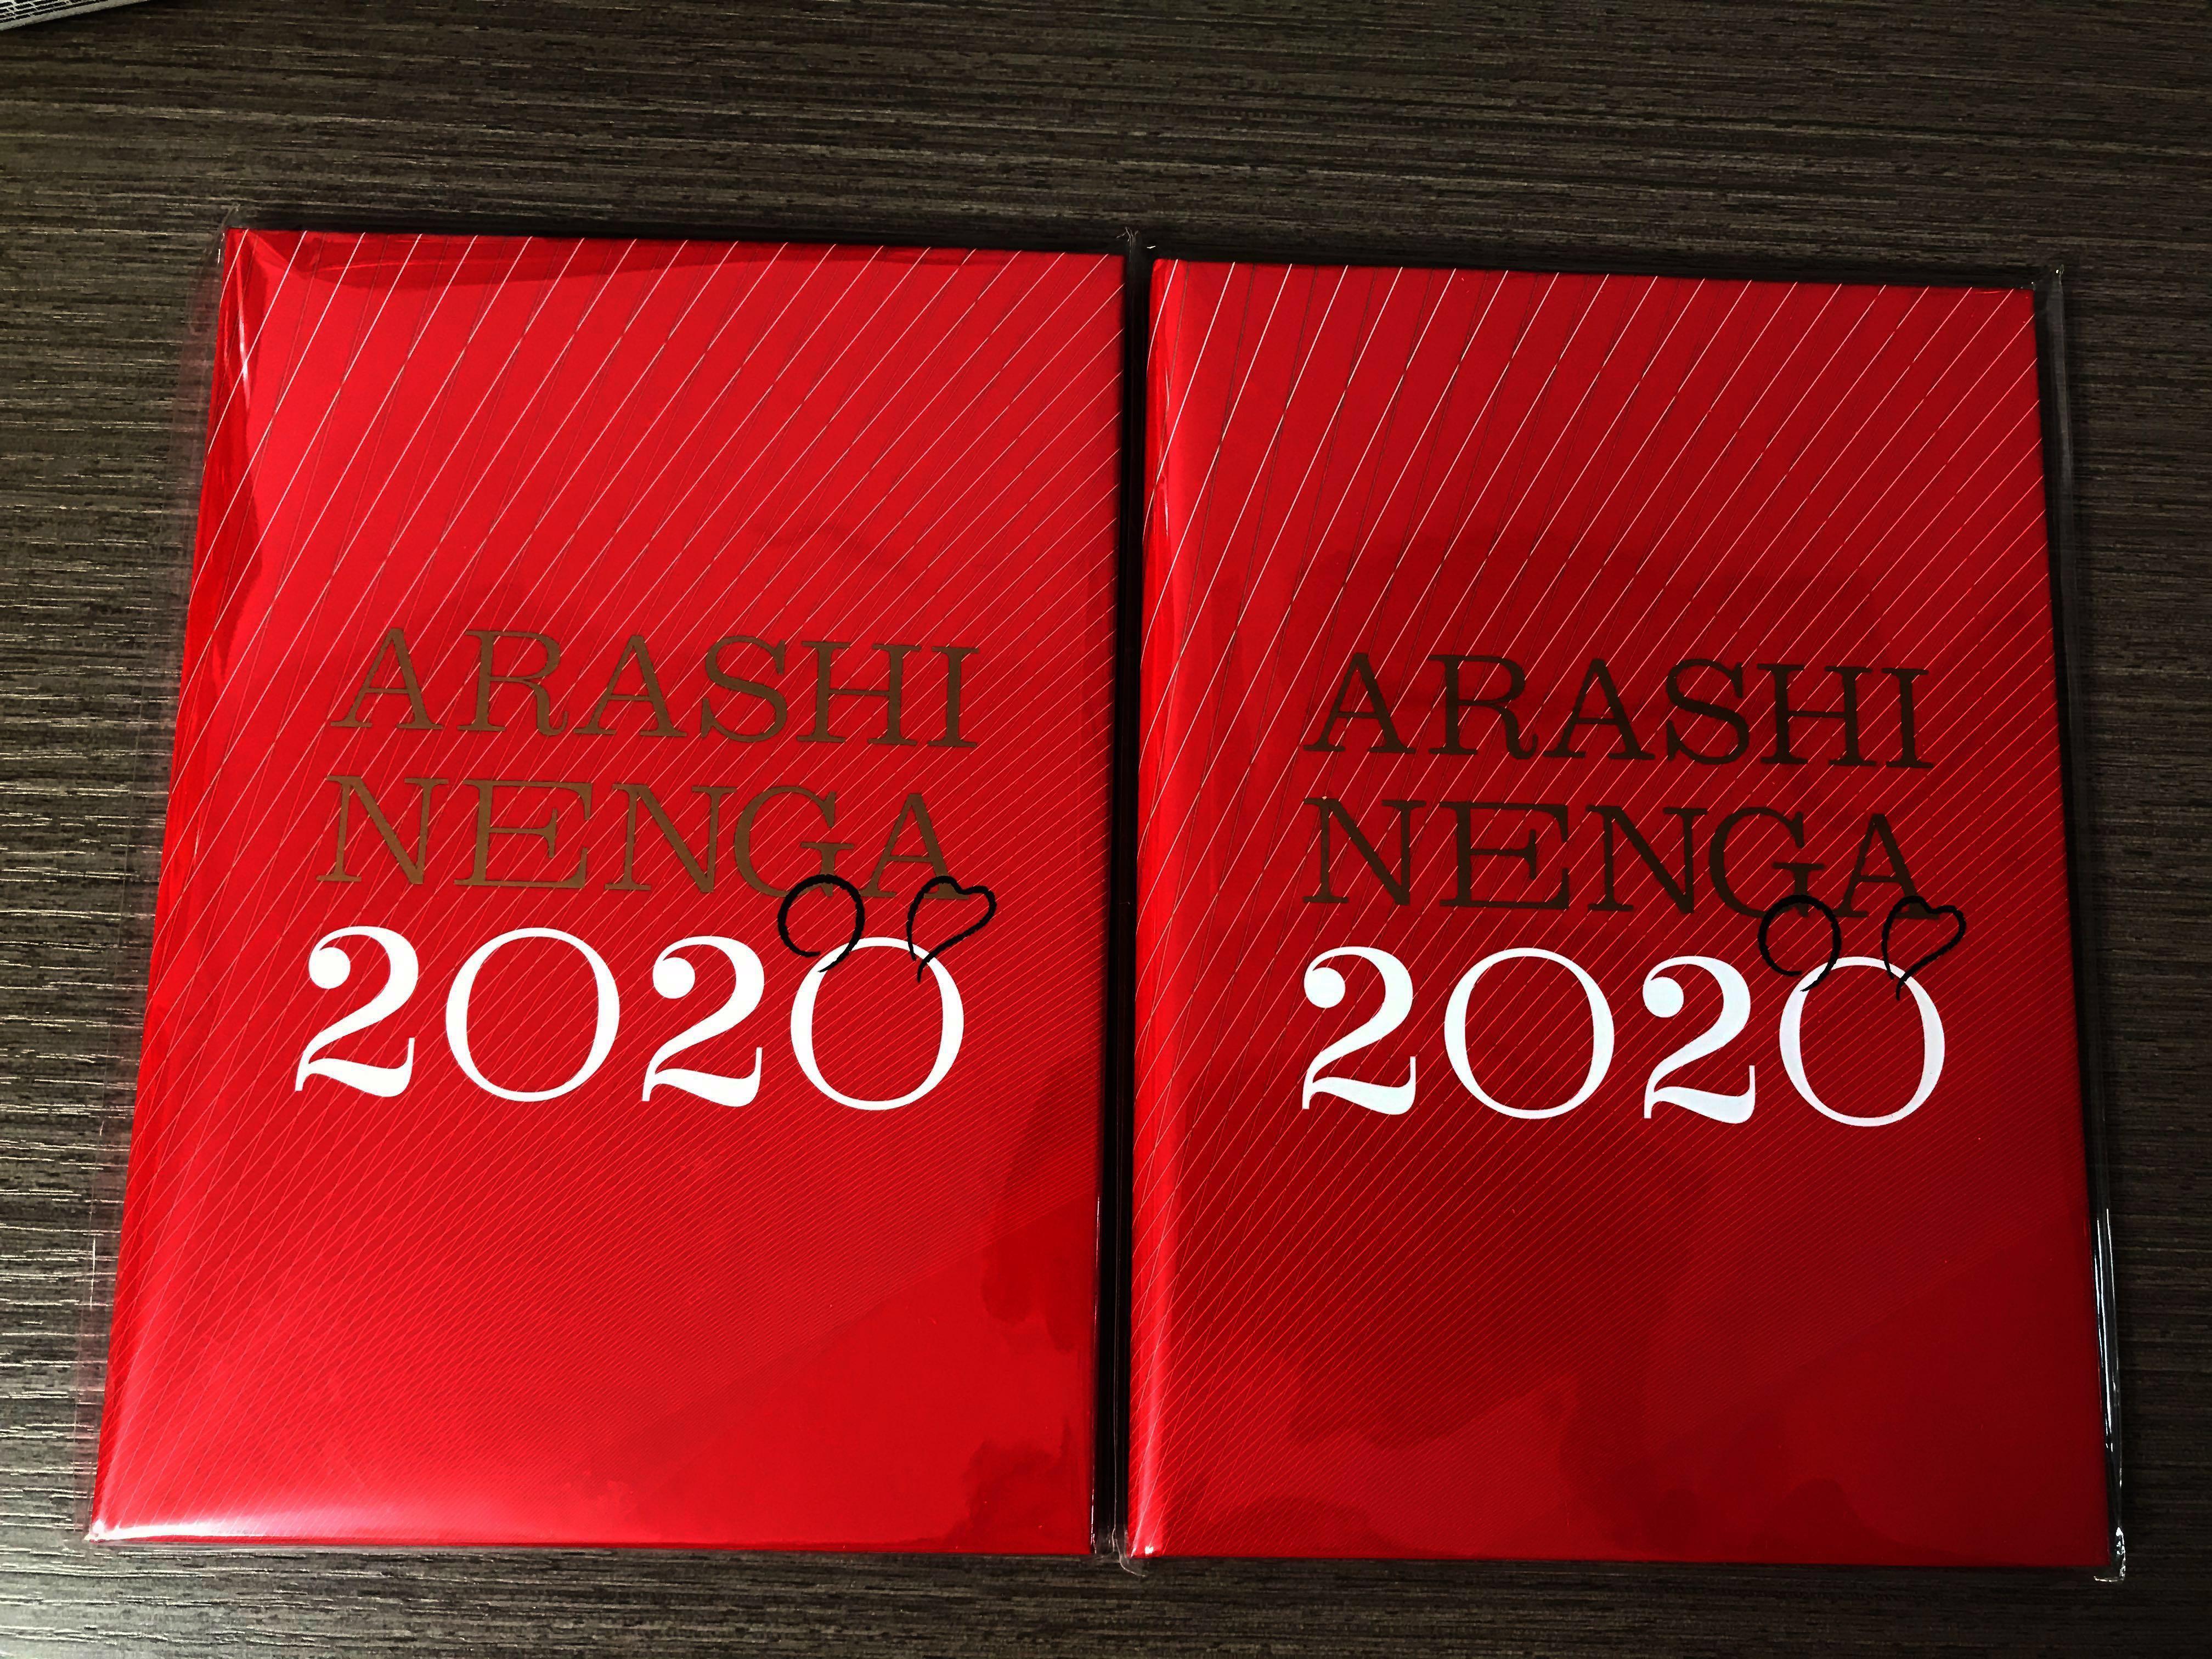 嵐arashi 2020 全新年賀狀